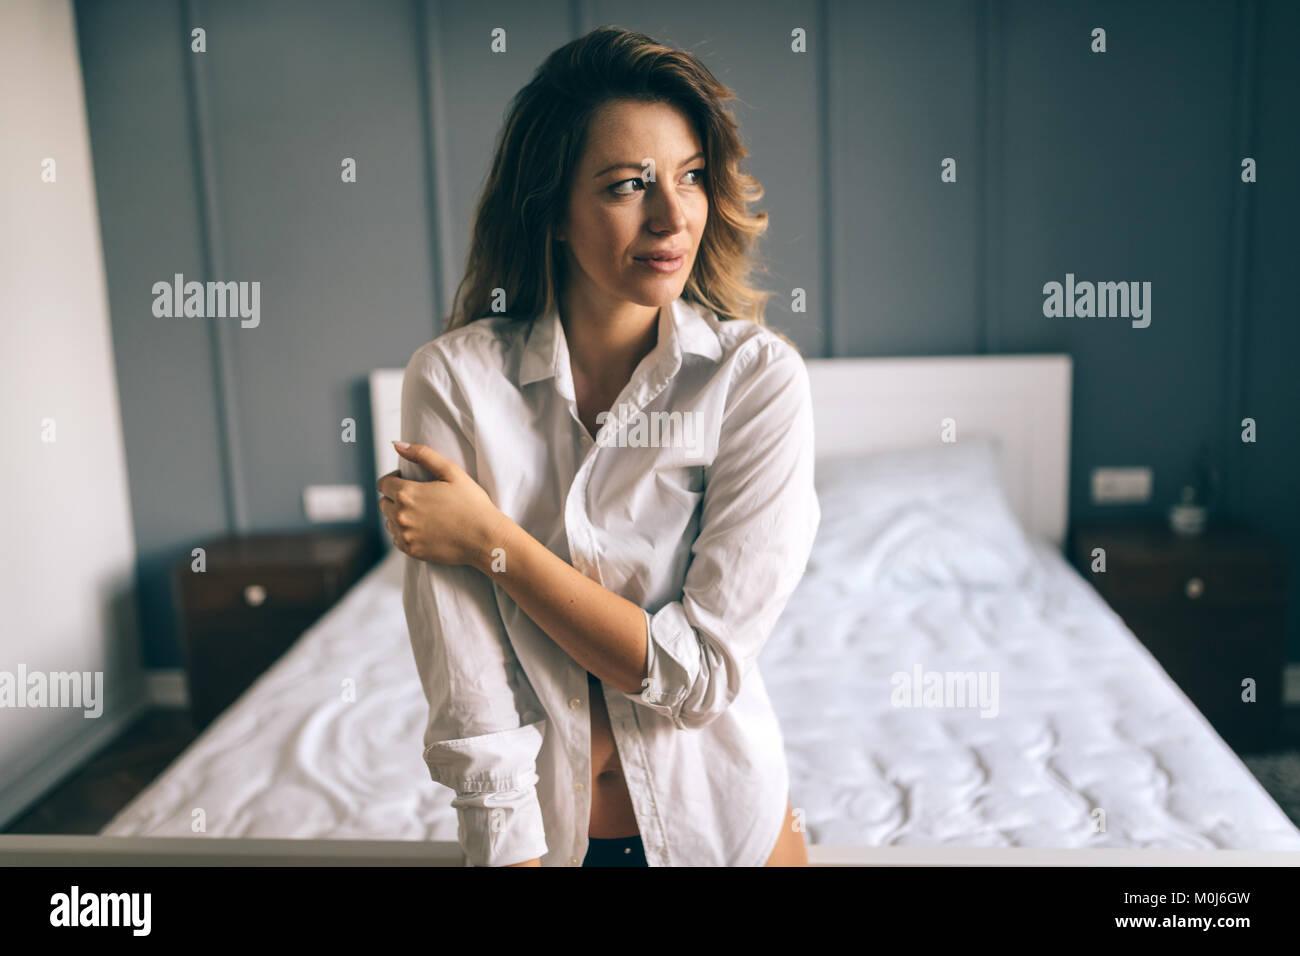 Foto di felice donna attraente in camera da letto Immagini Stock